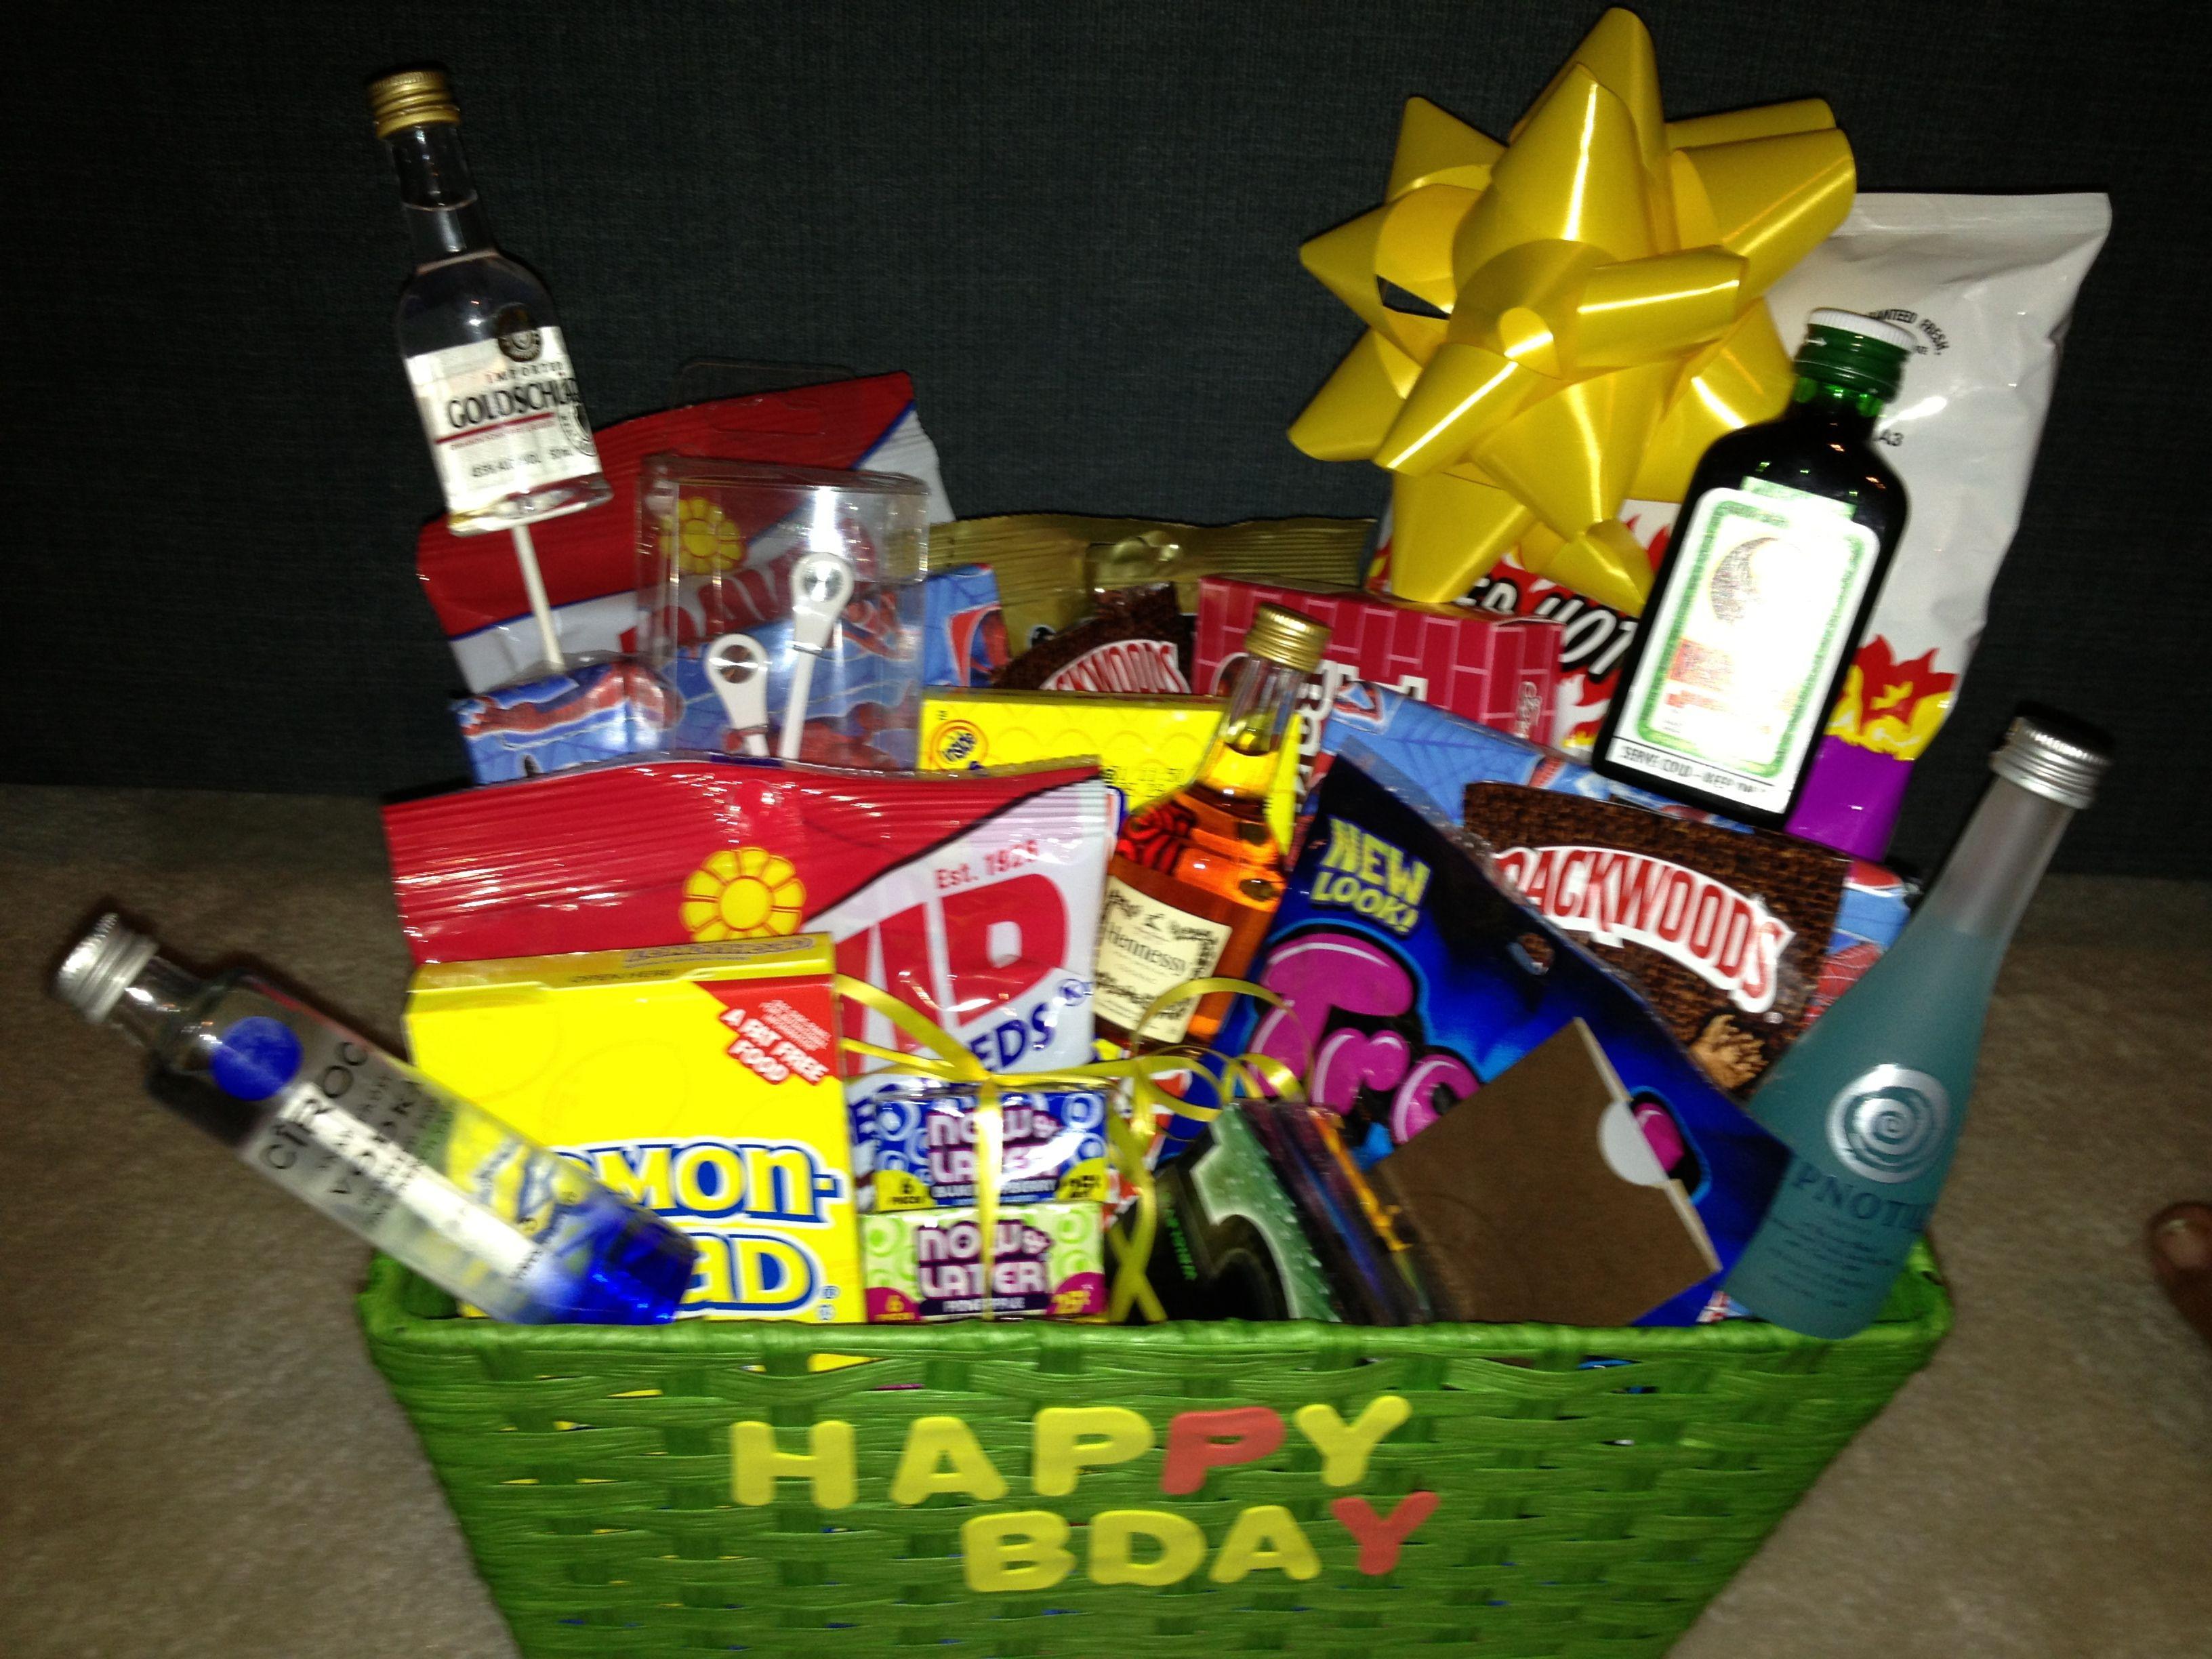 Best ideas about Gift Baskets Ideas For Boyfriend . Save or Pin Boyfriend birthday t basket t ideas Now.